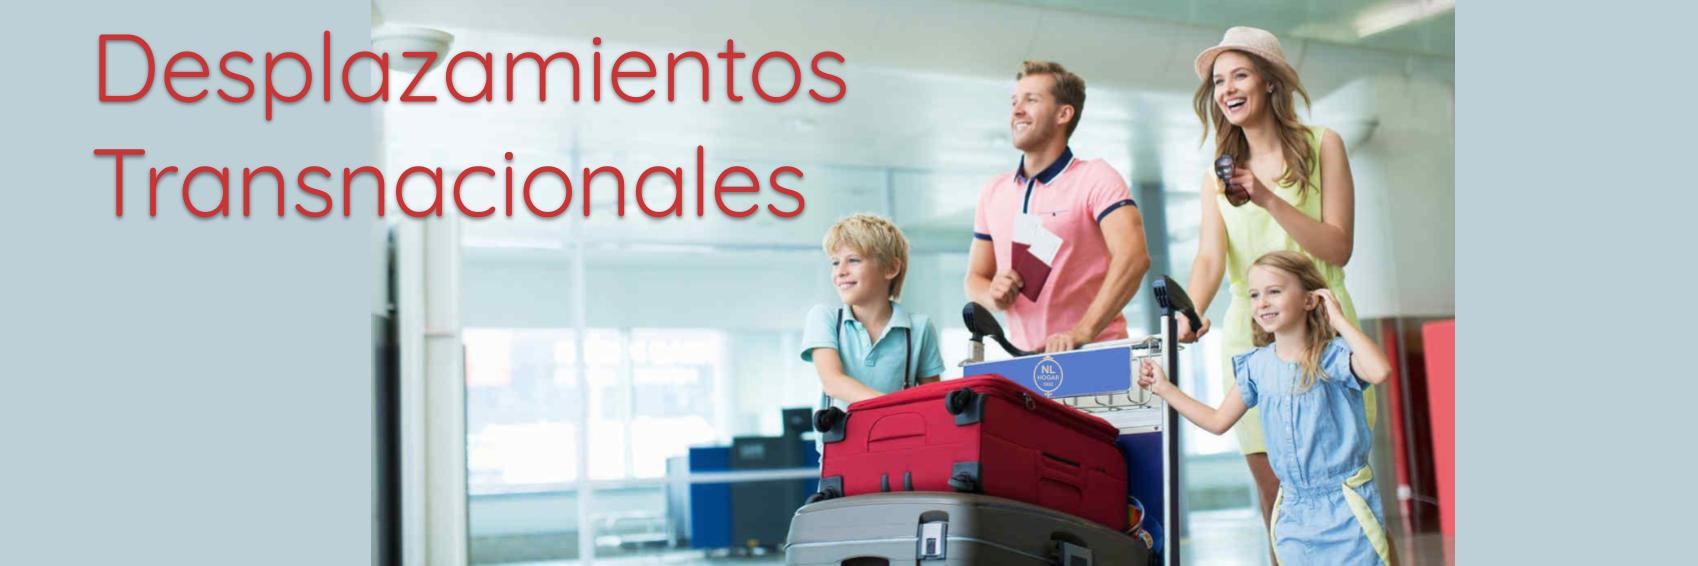 Desplazamientos transnacionales de empleadas domésticas